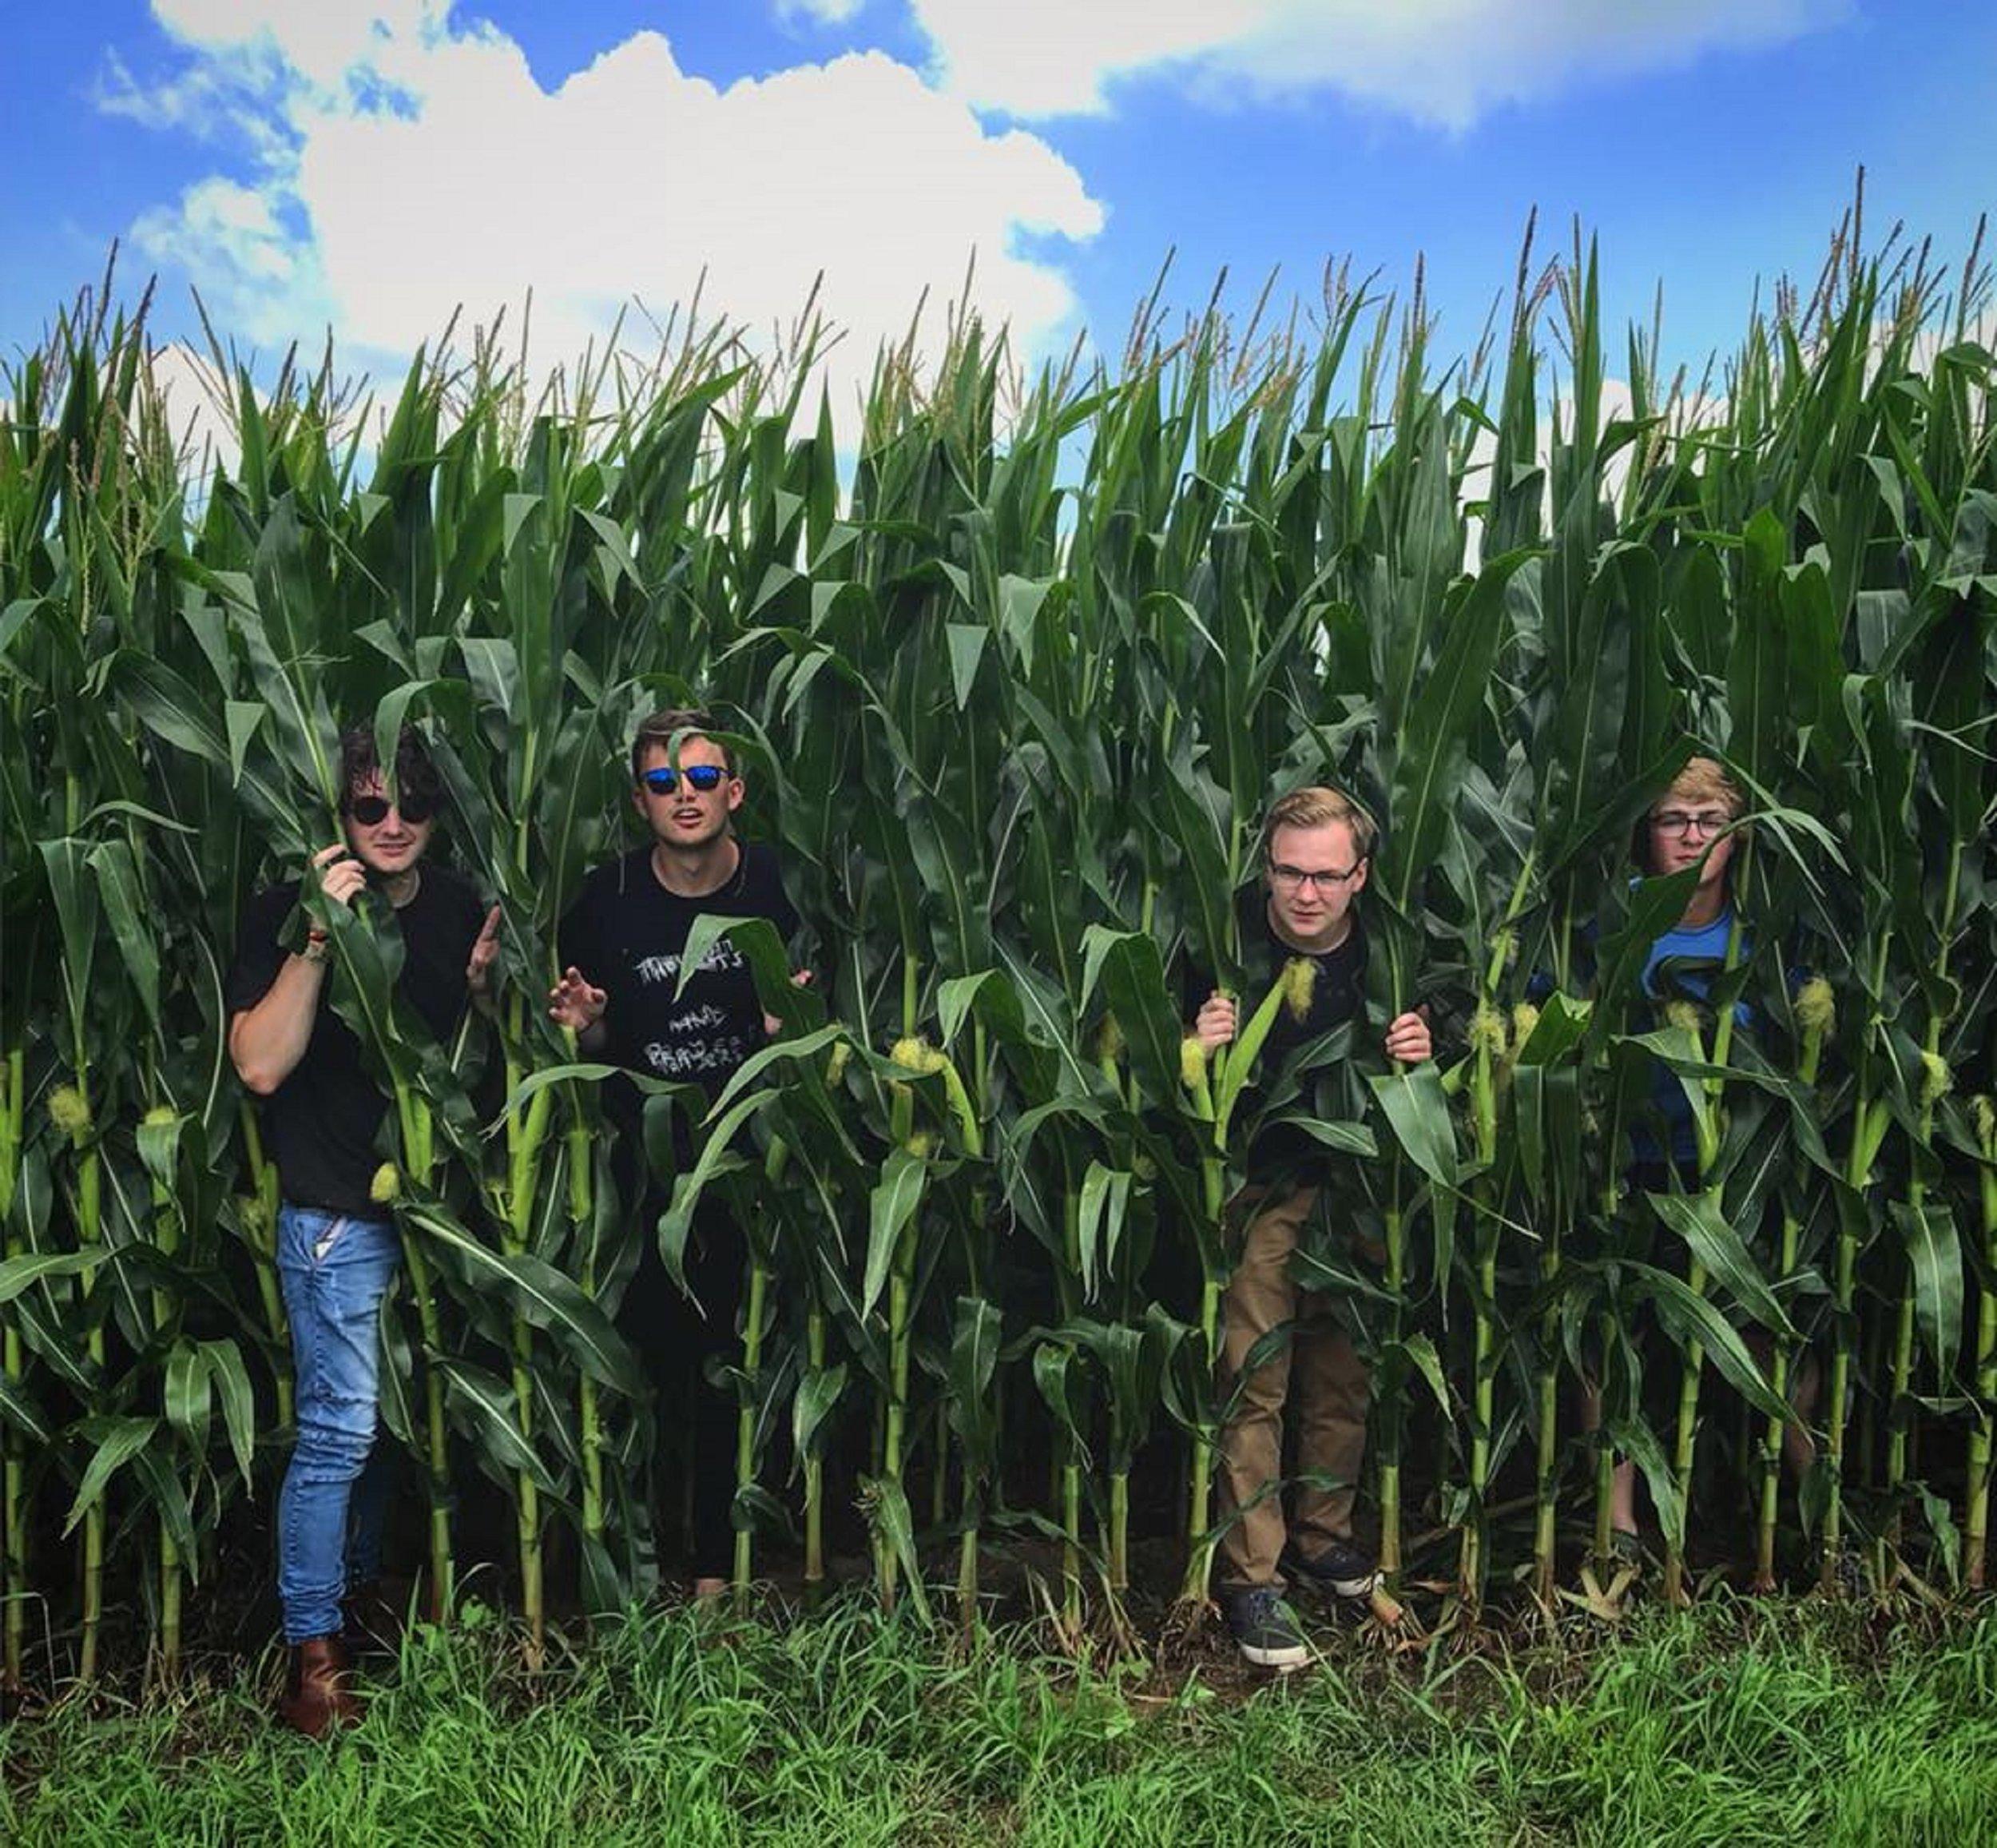 corn - Greentop - band.jpg